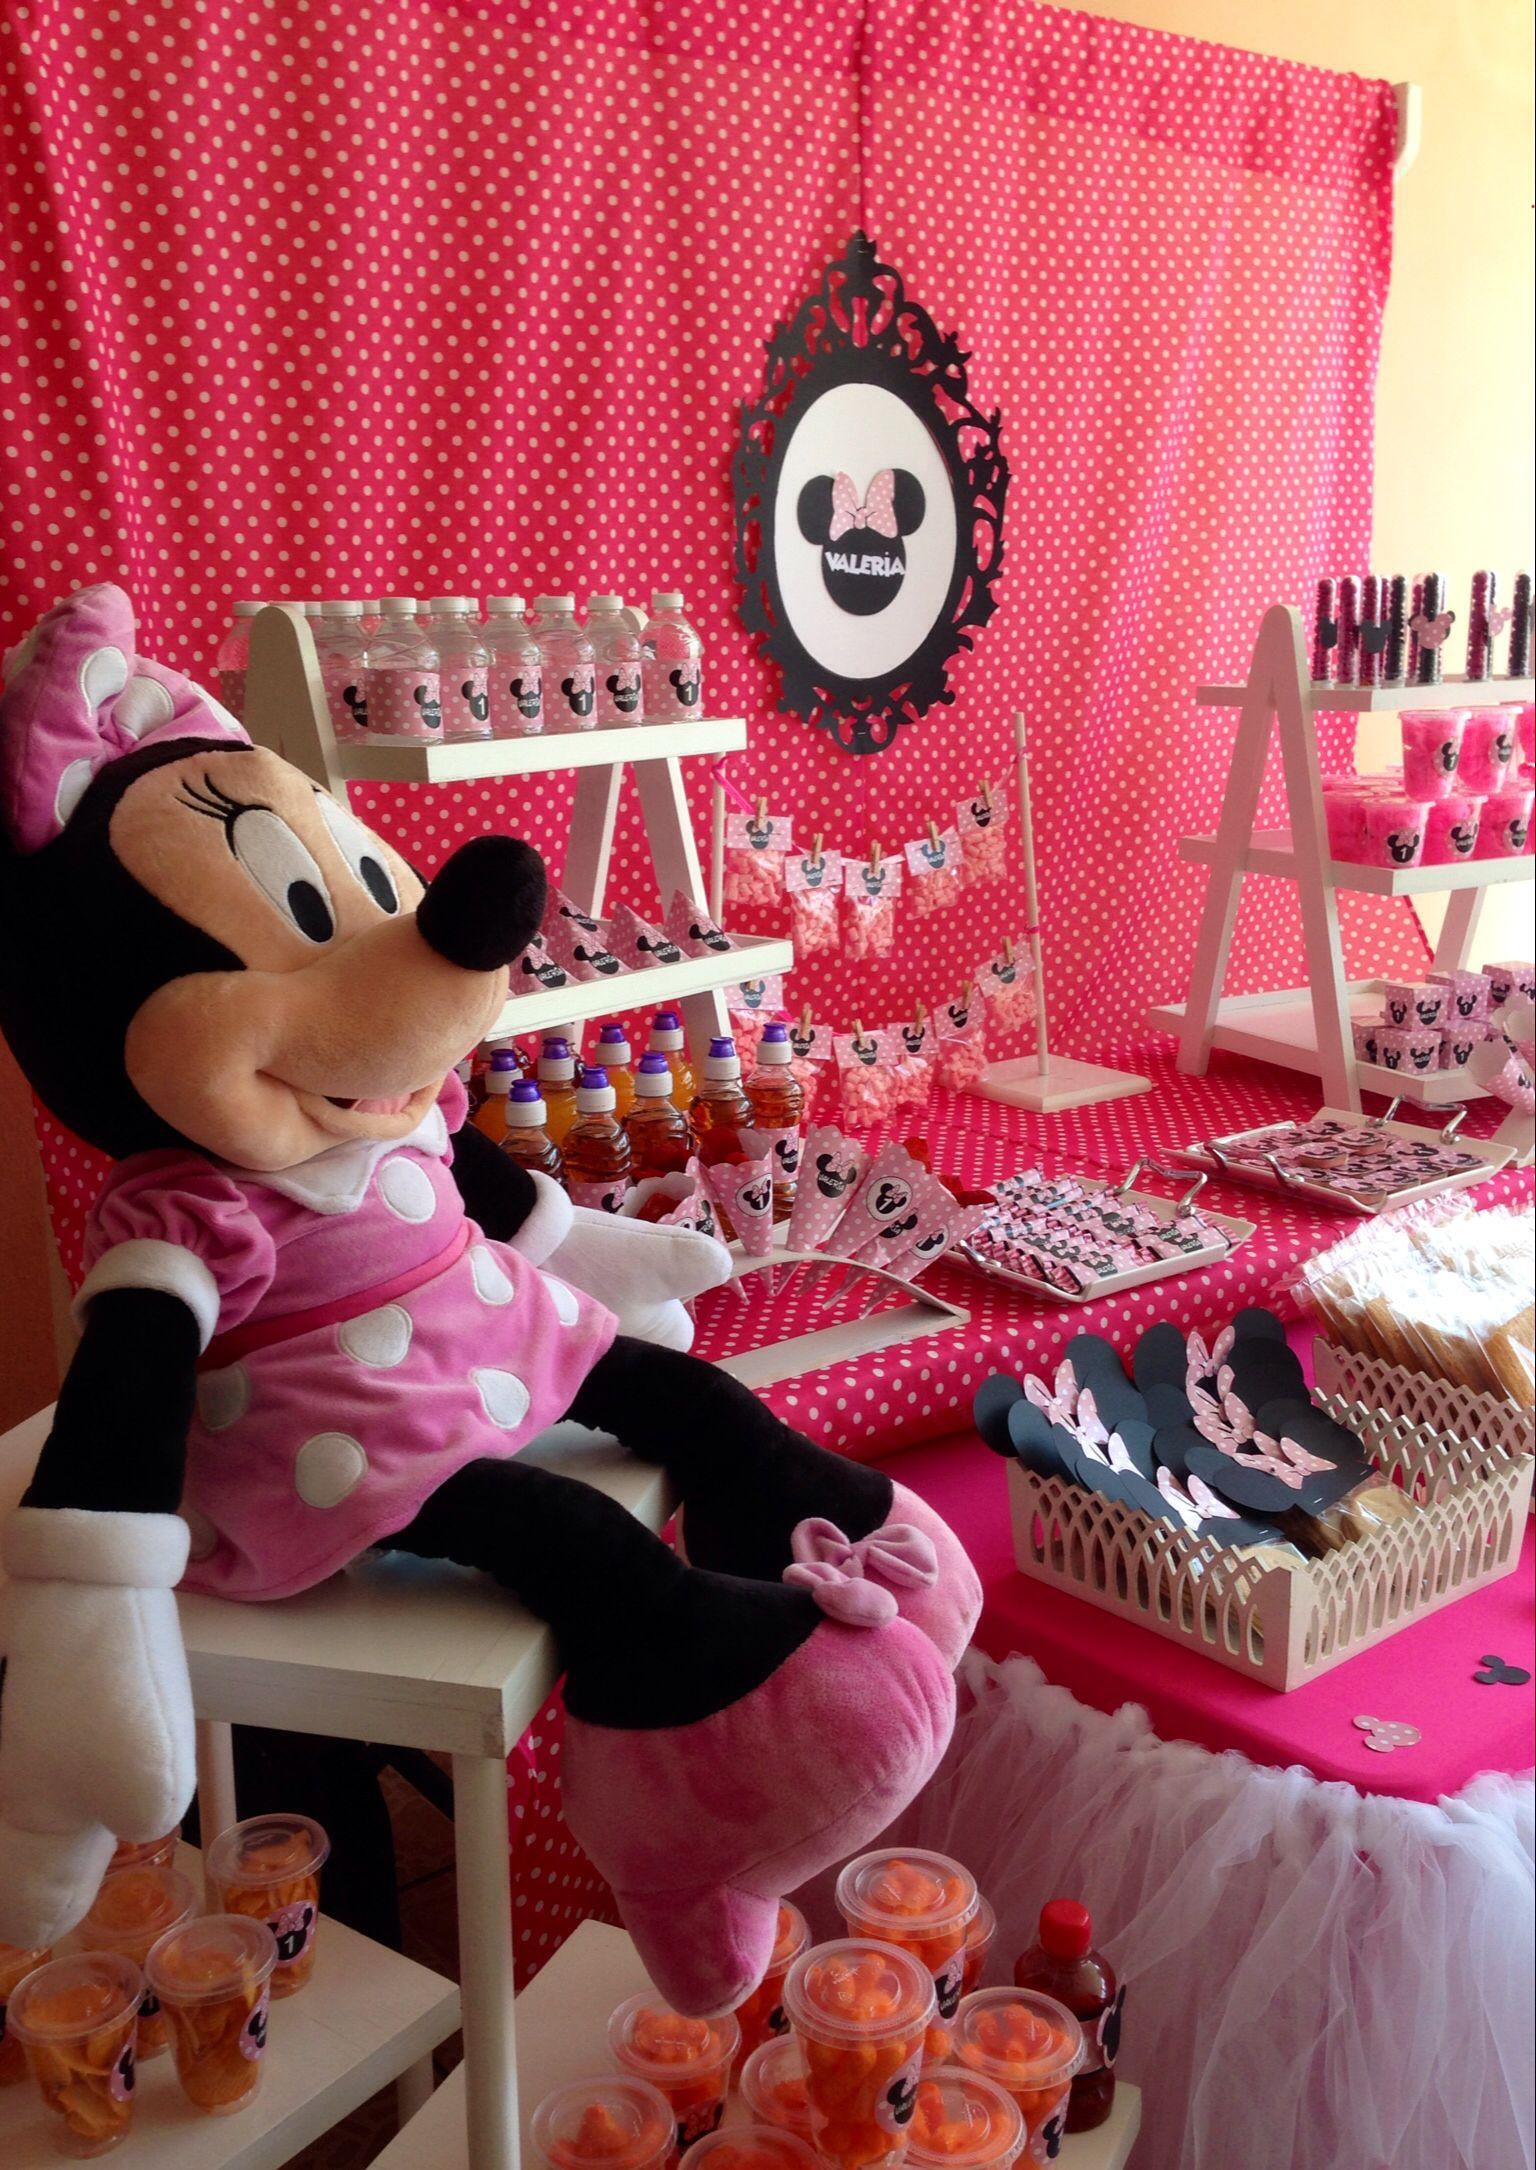 Mesa de dulces minnie | Minie party | Pinterest | Minnie mouse, Mice ...